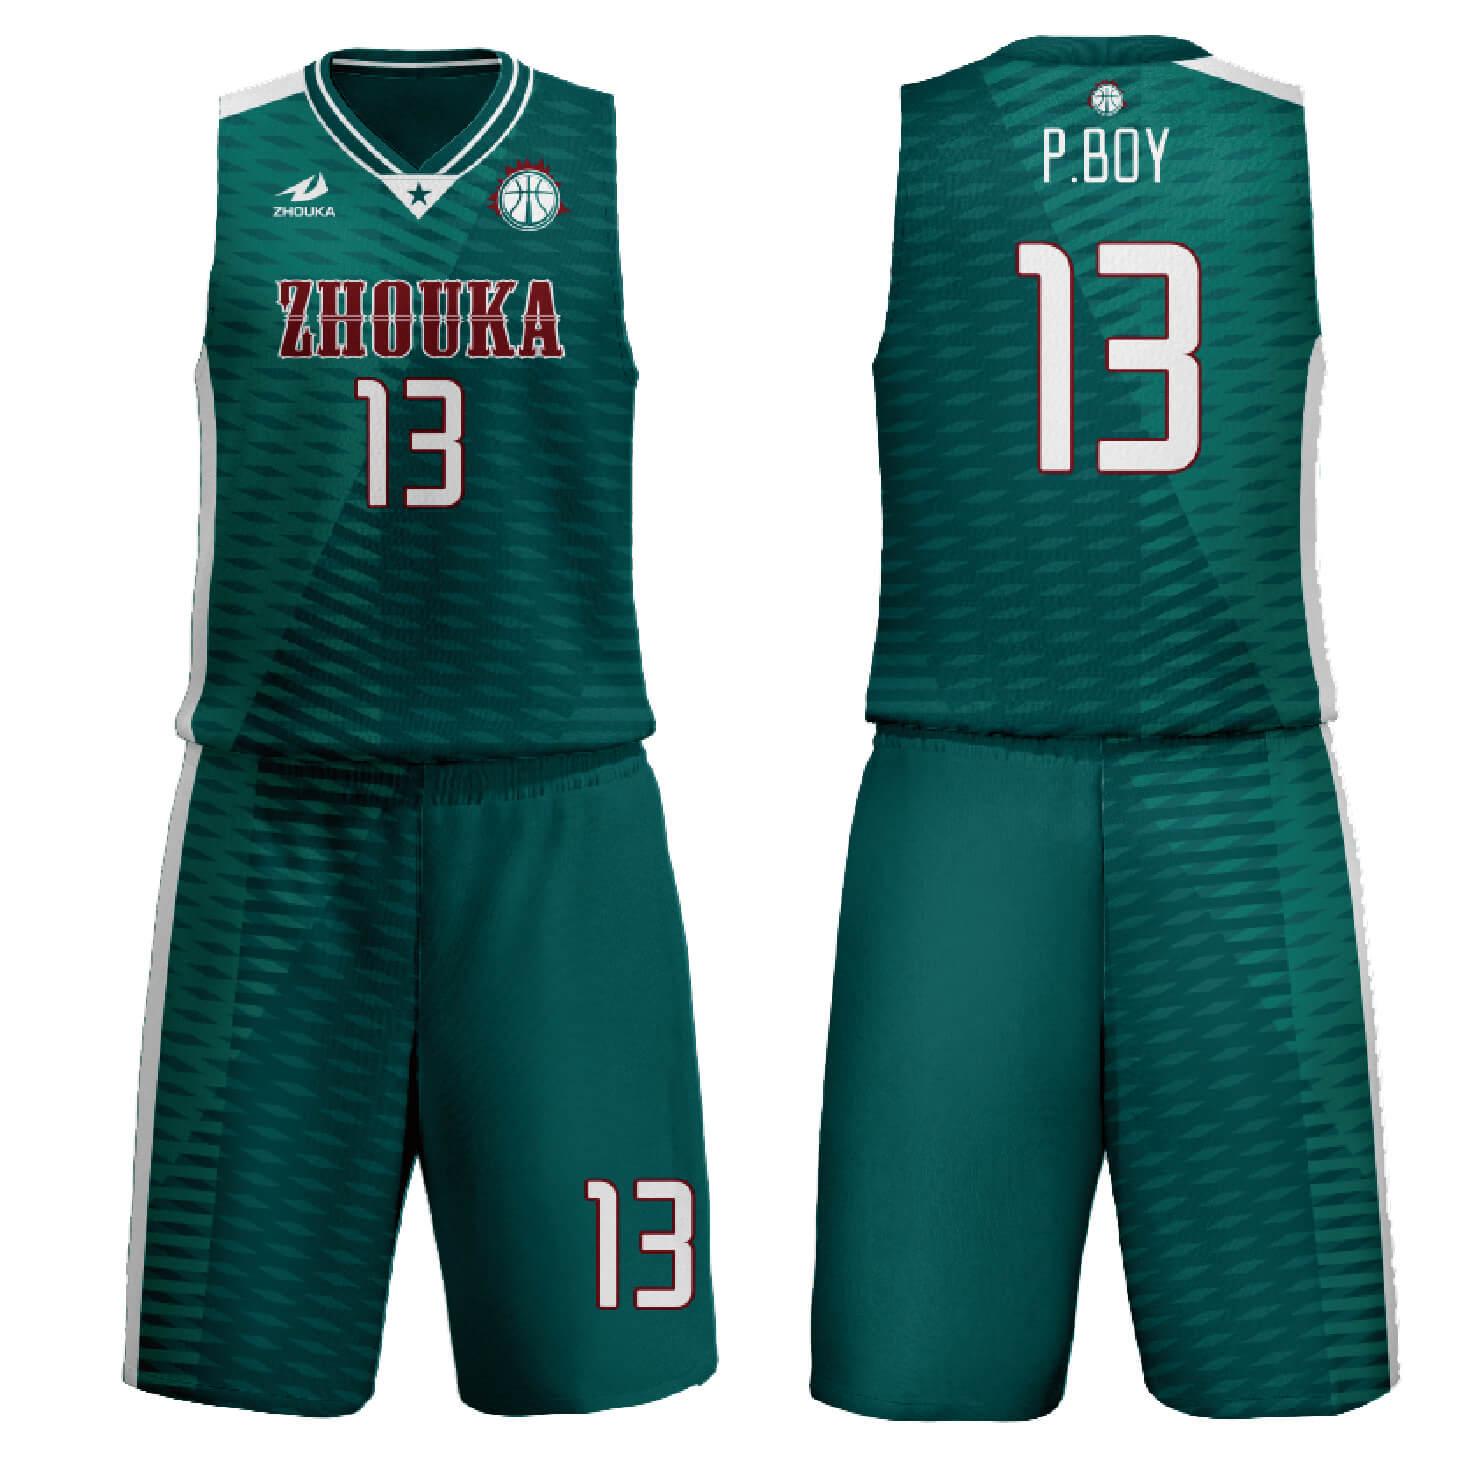 定制团队设计运动服篮球服球衣篮球衫